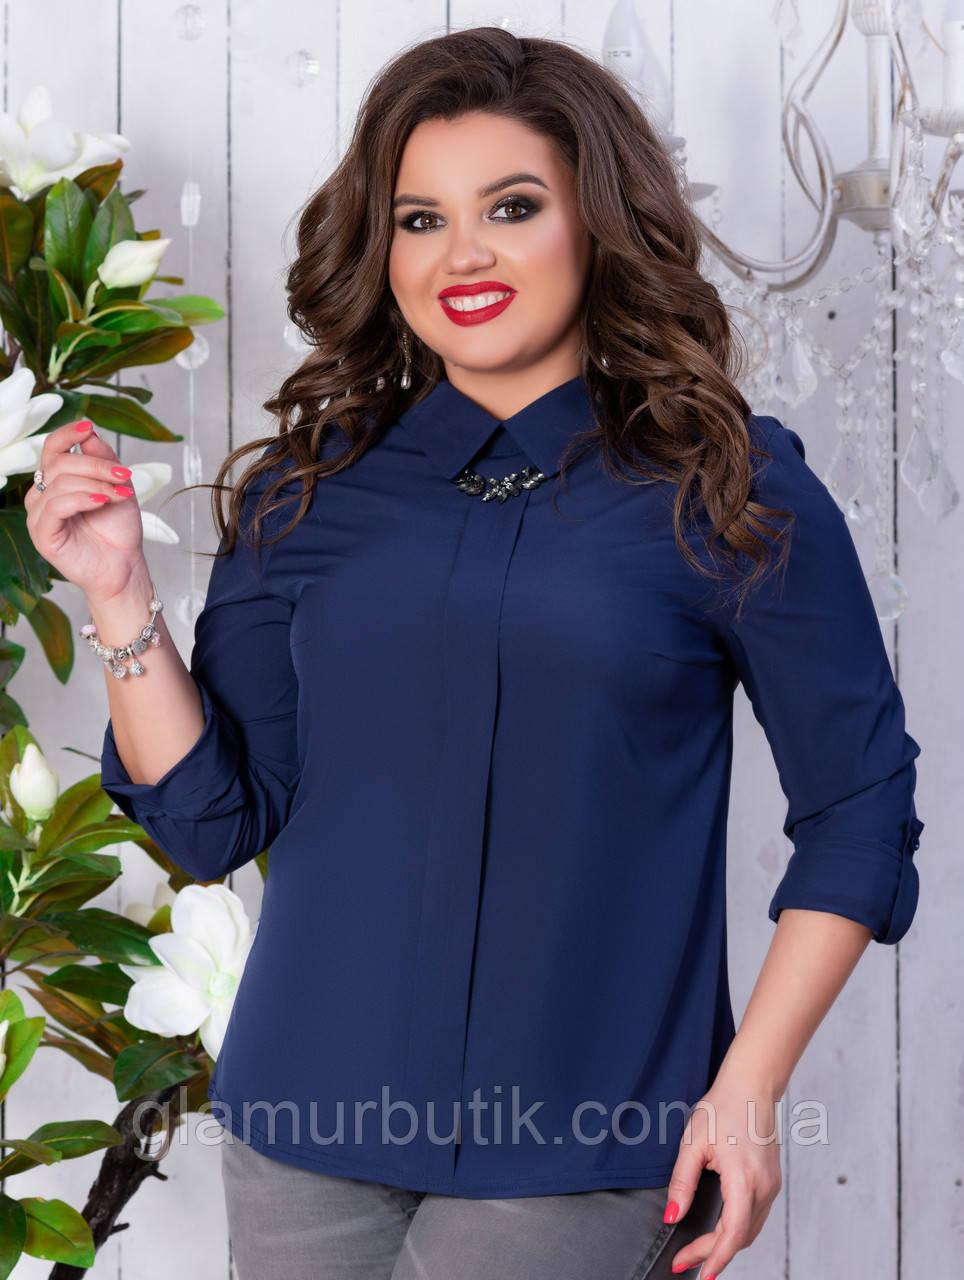 61cd92d5c6d Красивая женская блузка с украшением синяя батал 50 52 54 56 ...